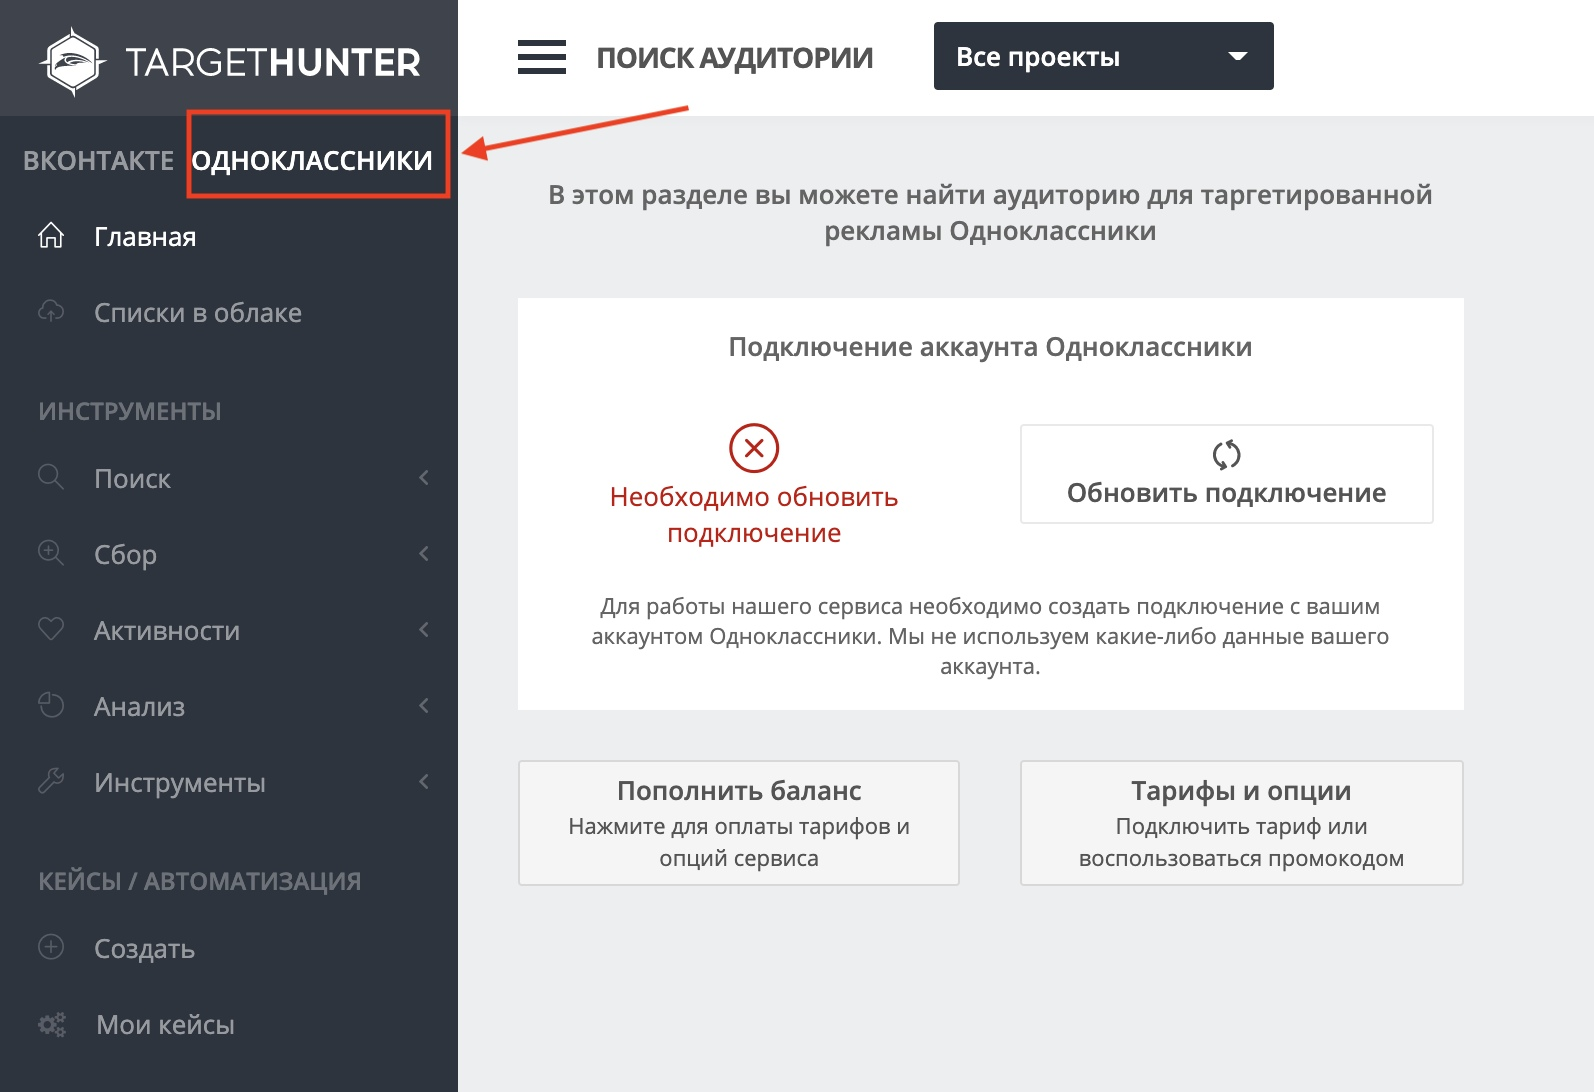 Теперь у TargetHunter есть полноценный парсер Одноклассники